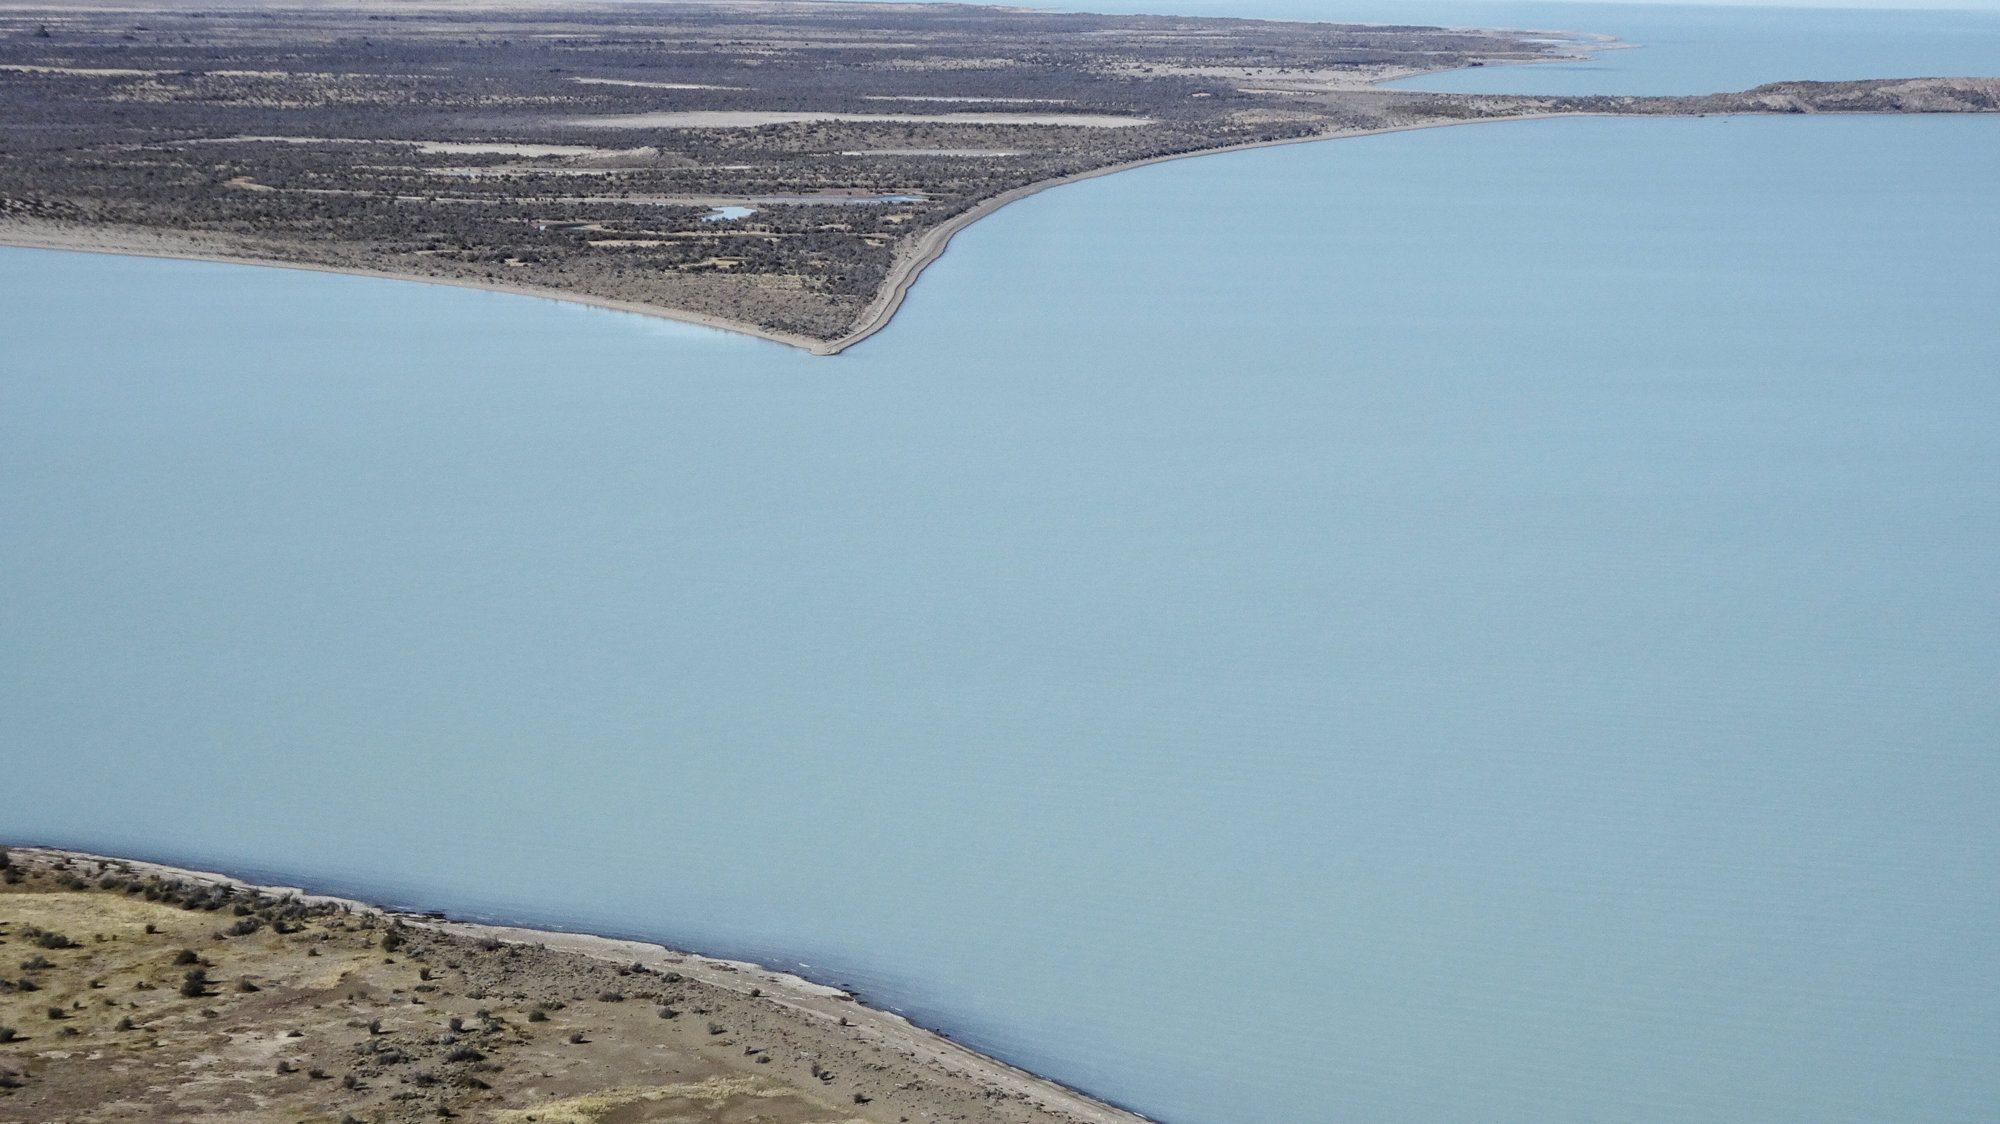 Herzföriger See auf dem Huemul Circuit, El Chaltén, Patagonien, Argentinien, Wanderung, Trekking